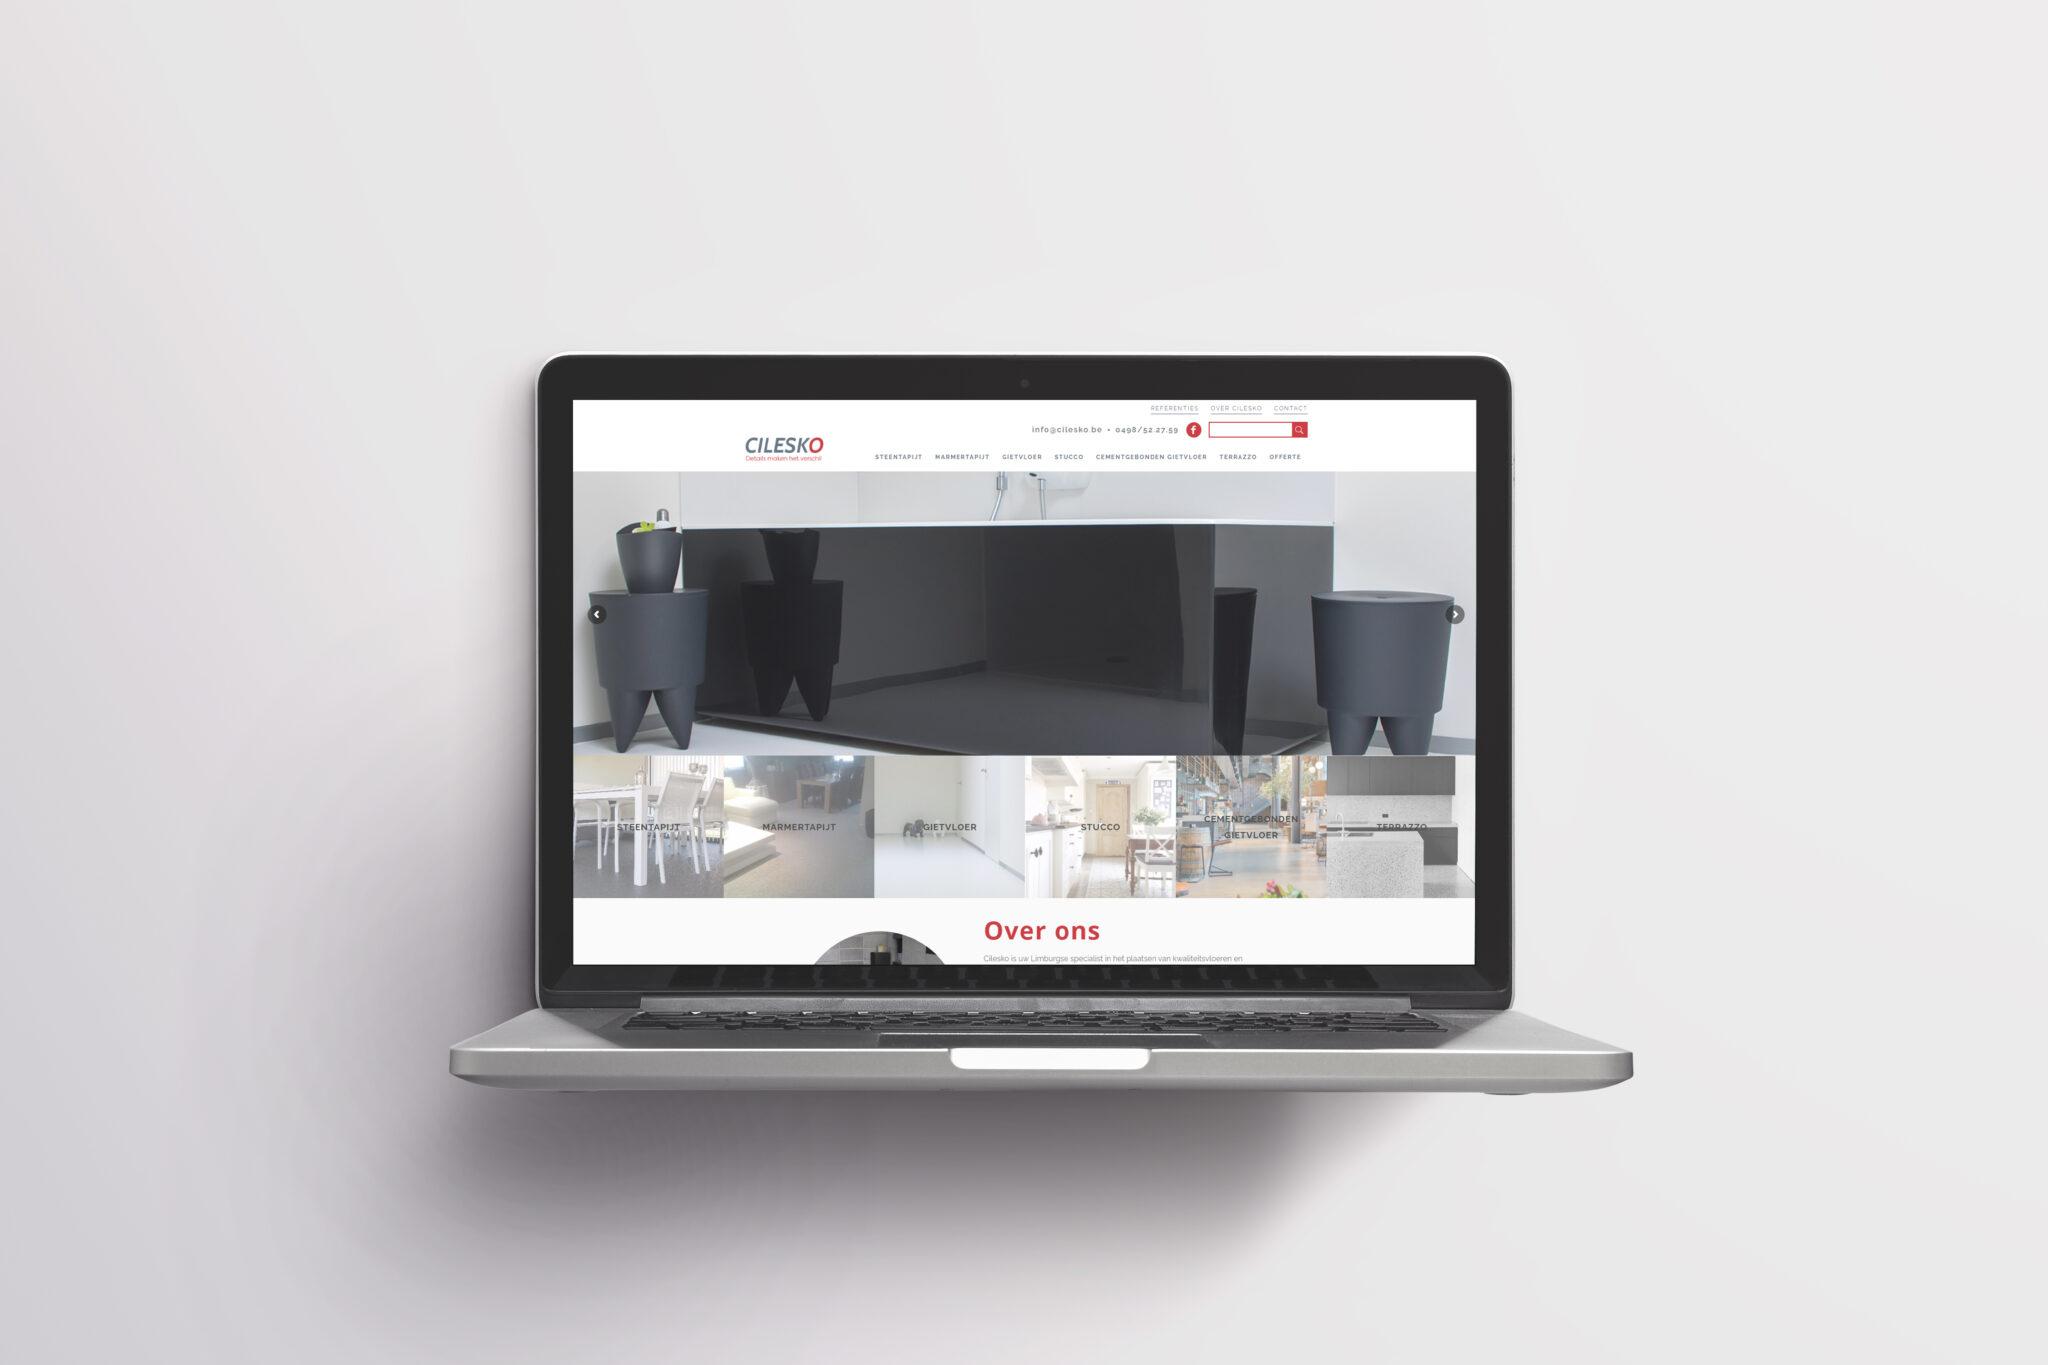 Cilesko website